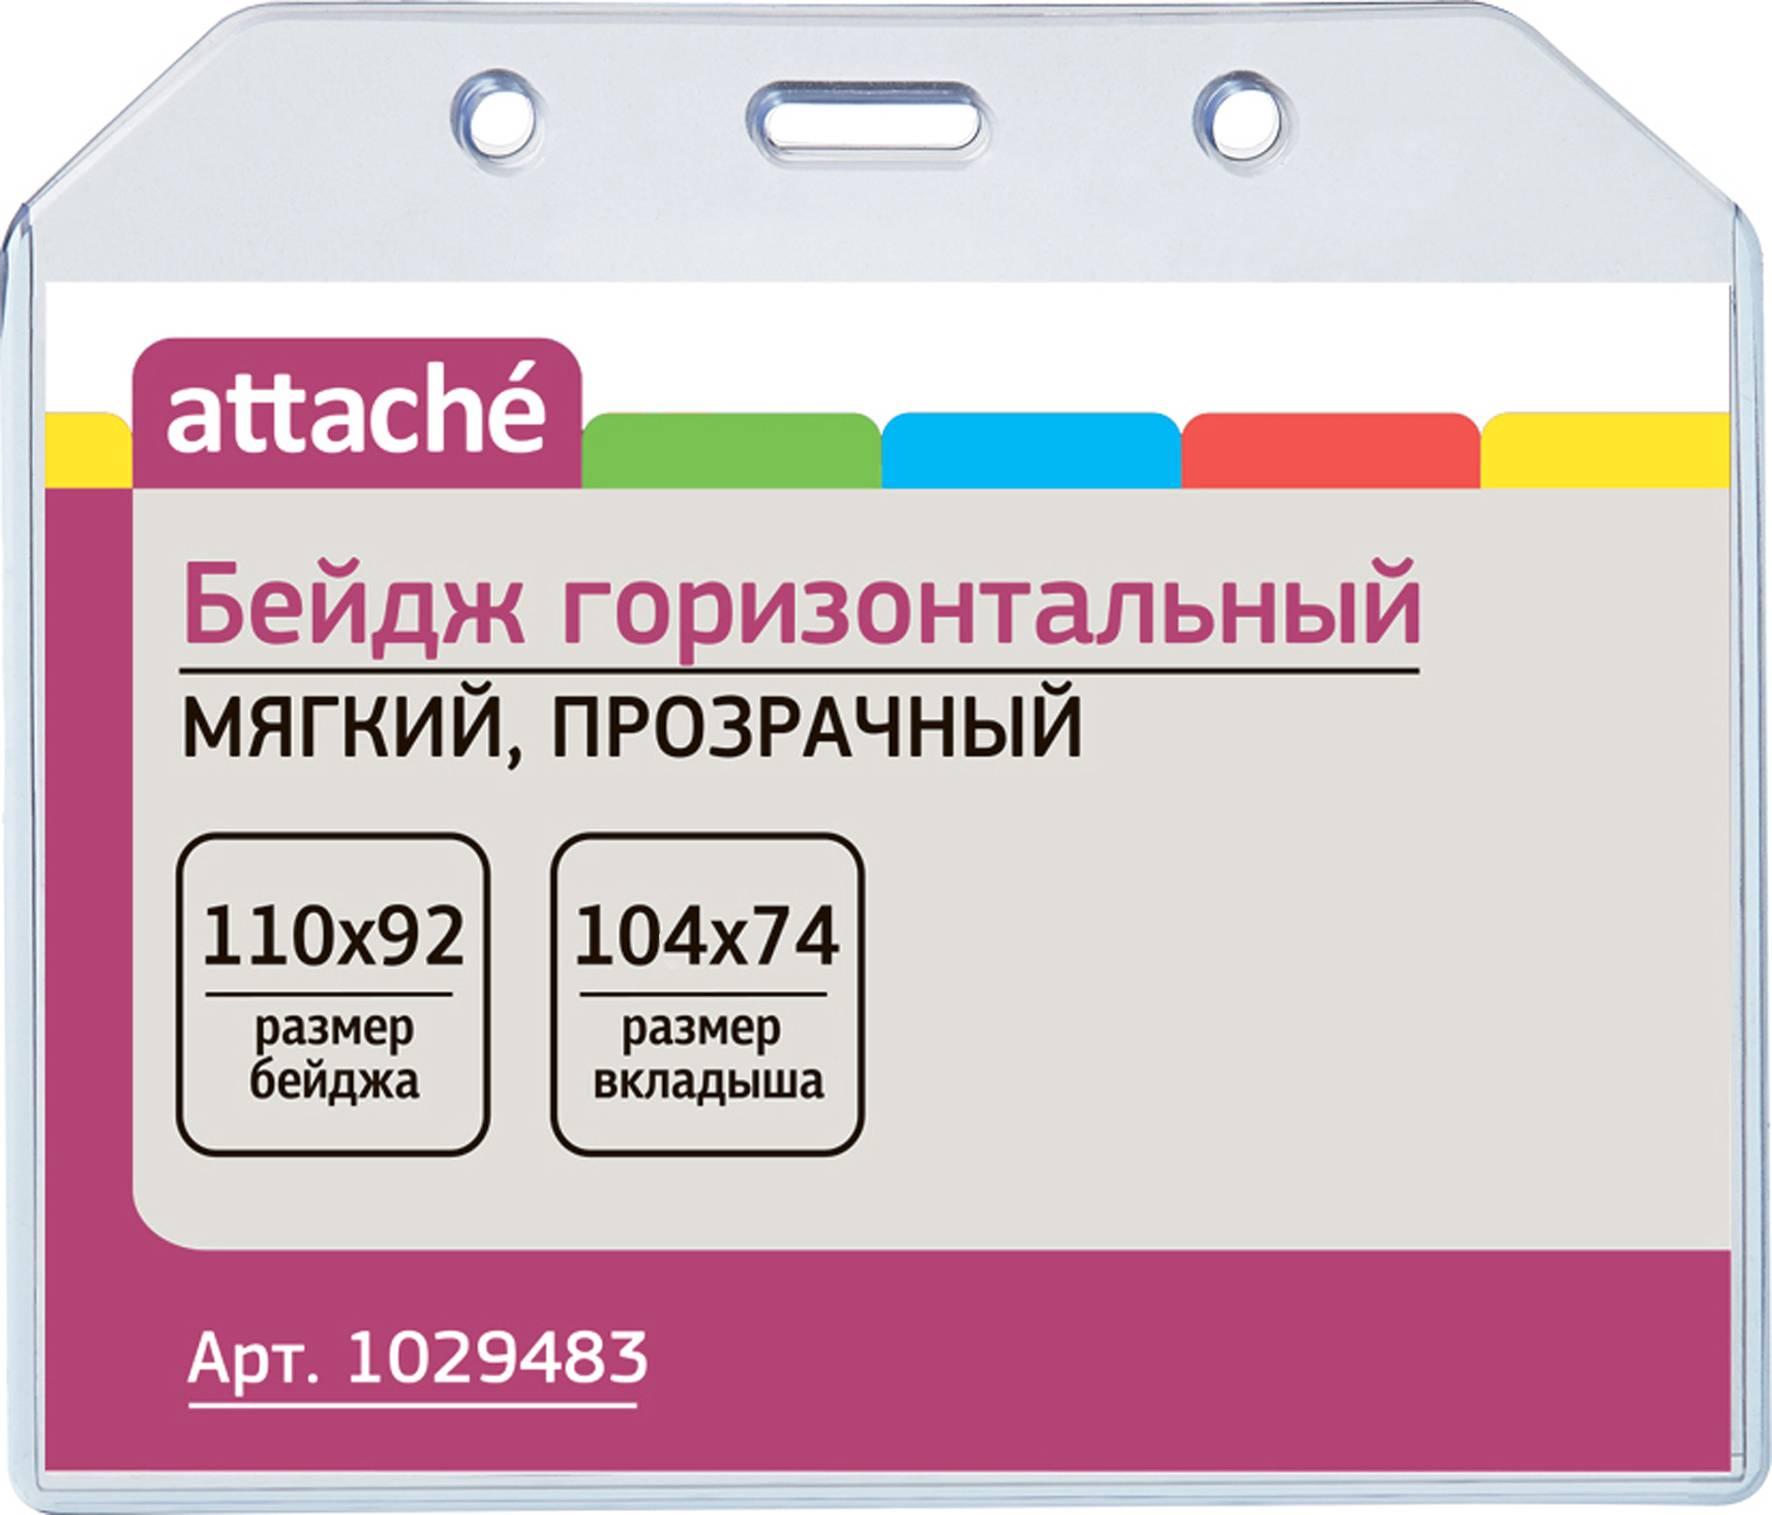 Бейдж Attache горизонтальный, 110х92мм, без держателя за 276.08 ₽ с бесплатной доставкой за 1 день купить на KazanExpress